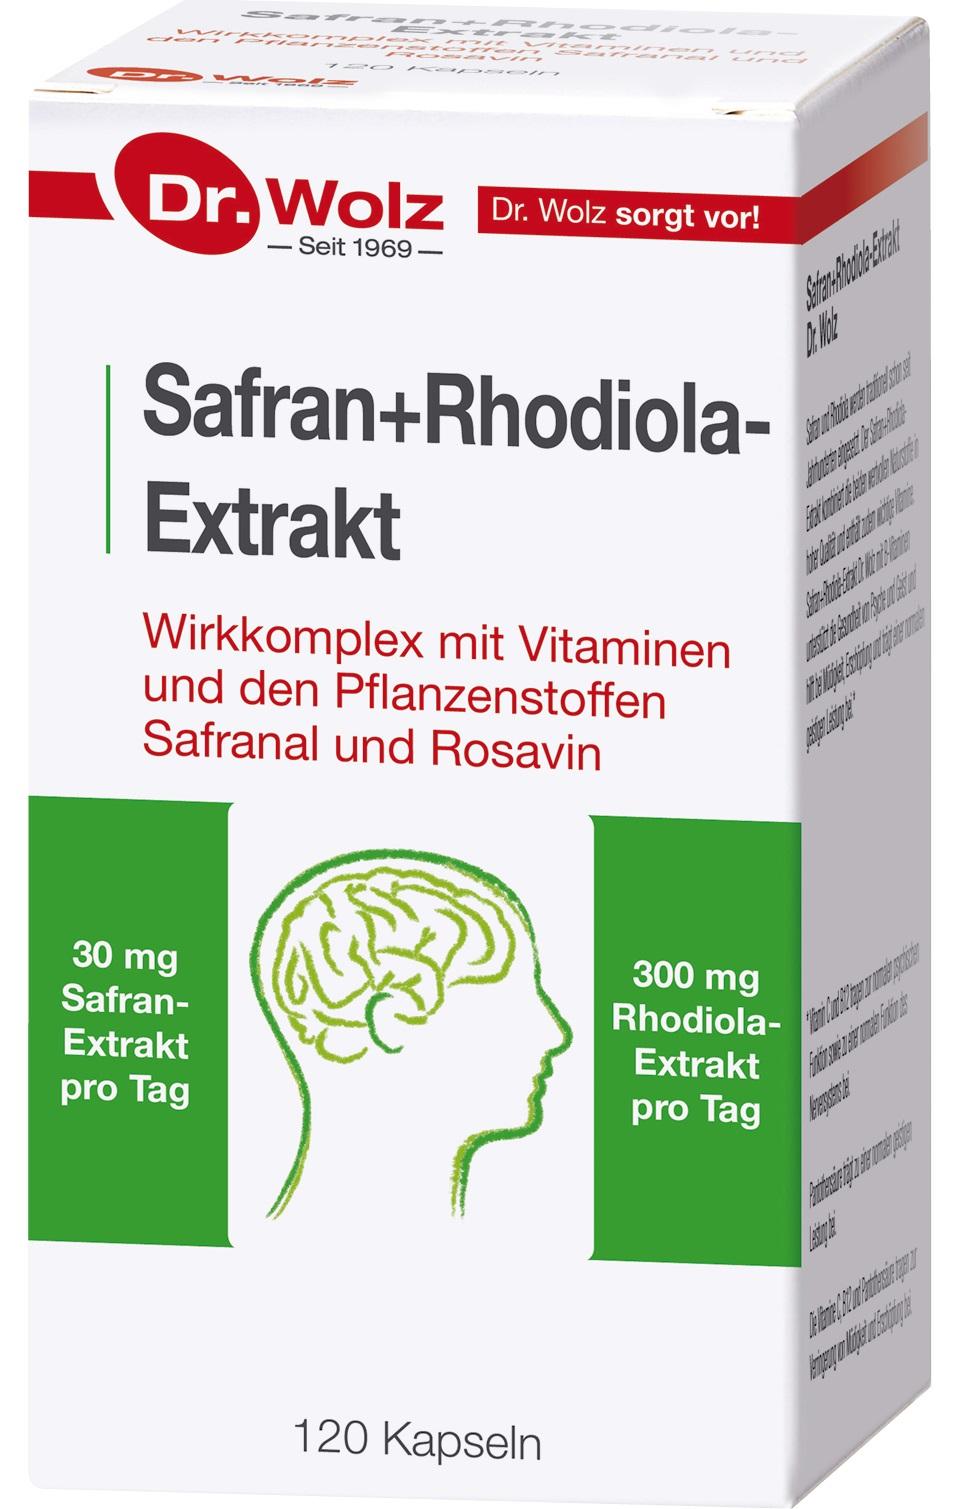 Vorschaubild: Safran+Rhodiola-Extrakt